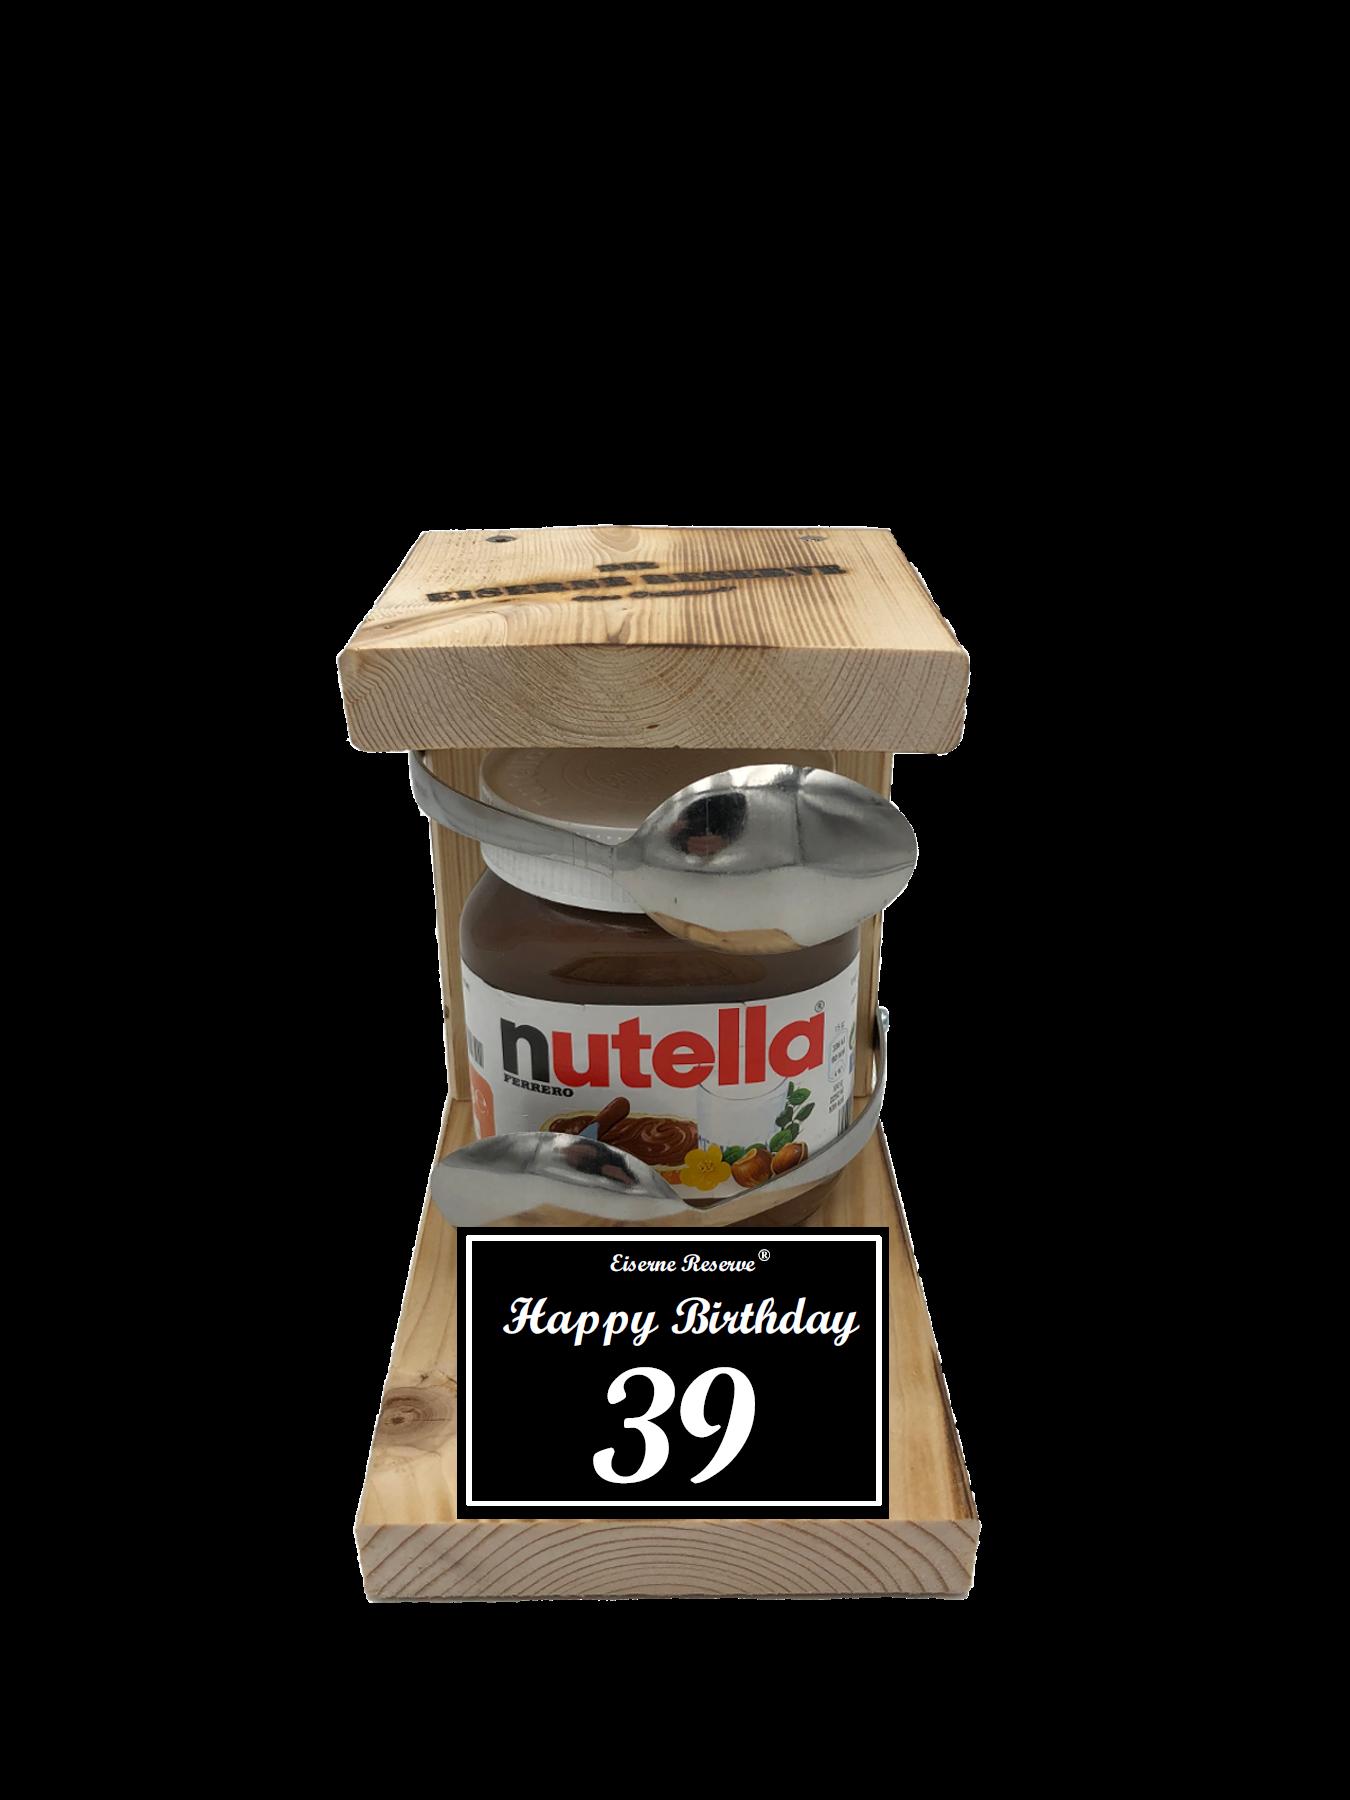 39 Happy Birthday Löffel Nutella Geschenk - Die Nutella Geschenkidee